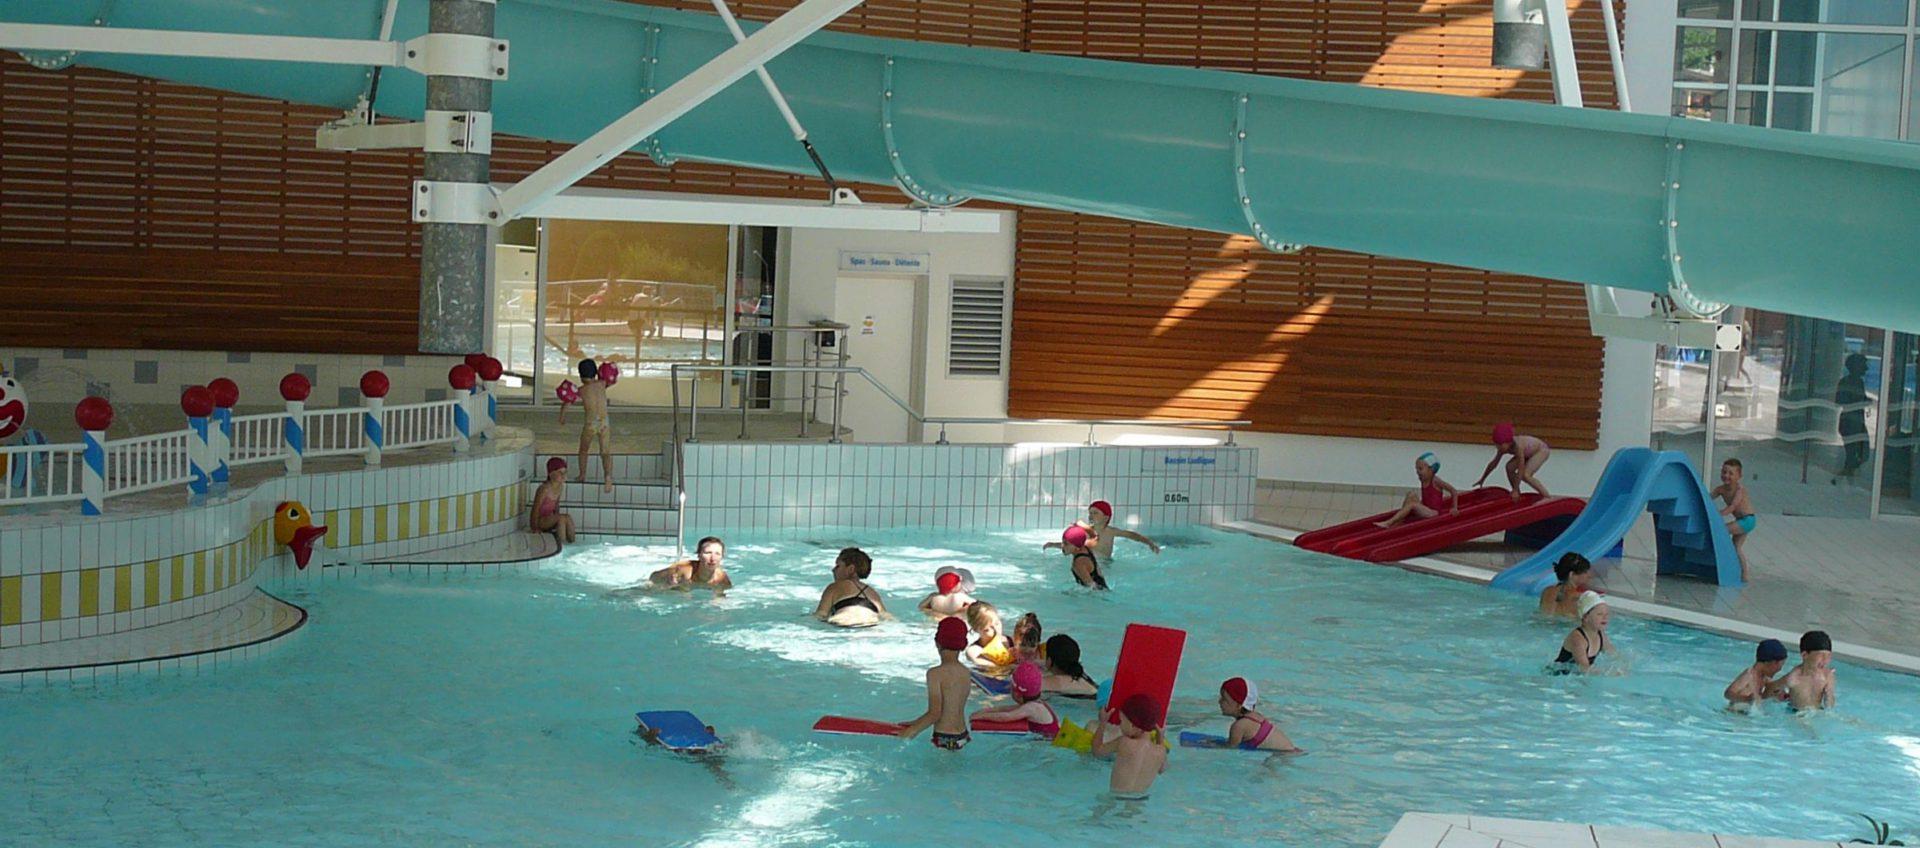 Fermeture Du Centre Aquatique Pour Travaux - Ville De Remiremont dedans Piscine Remiremont